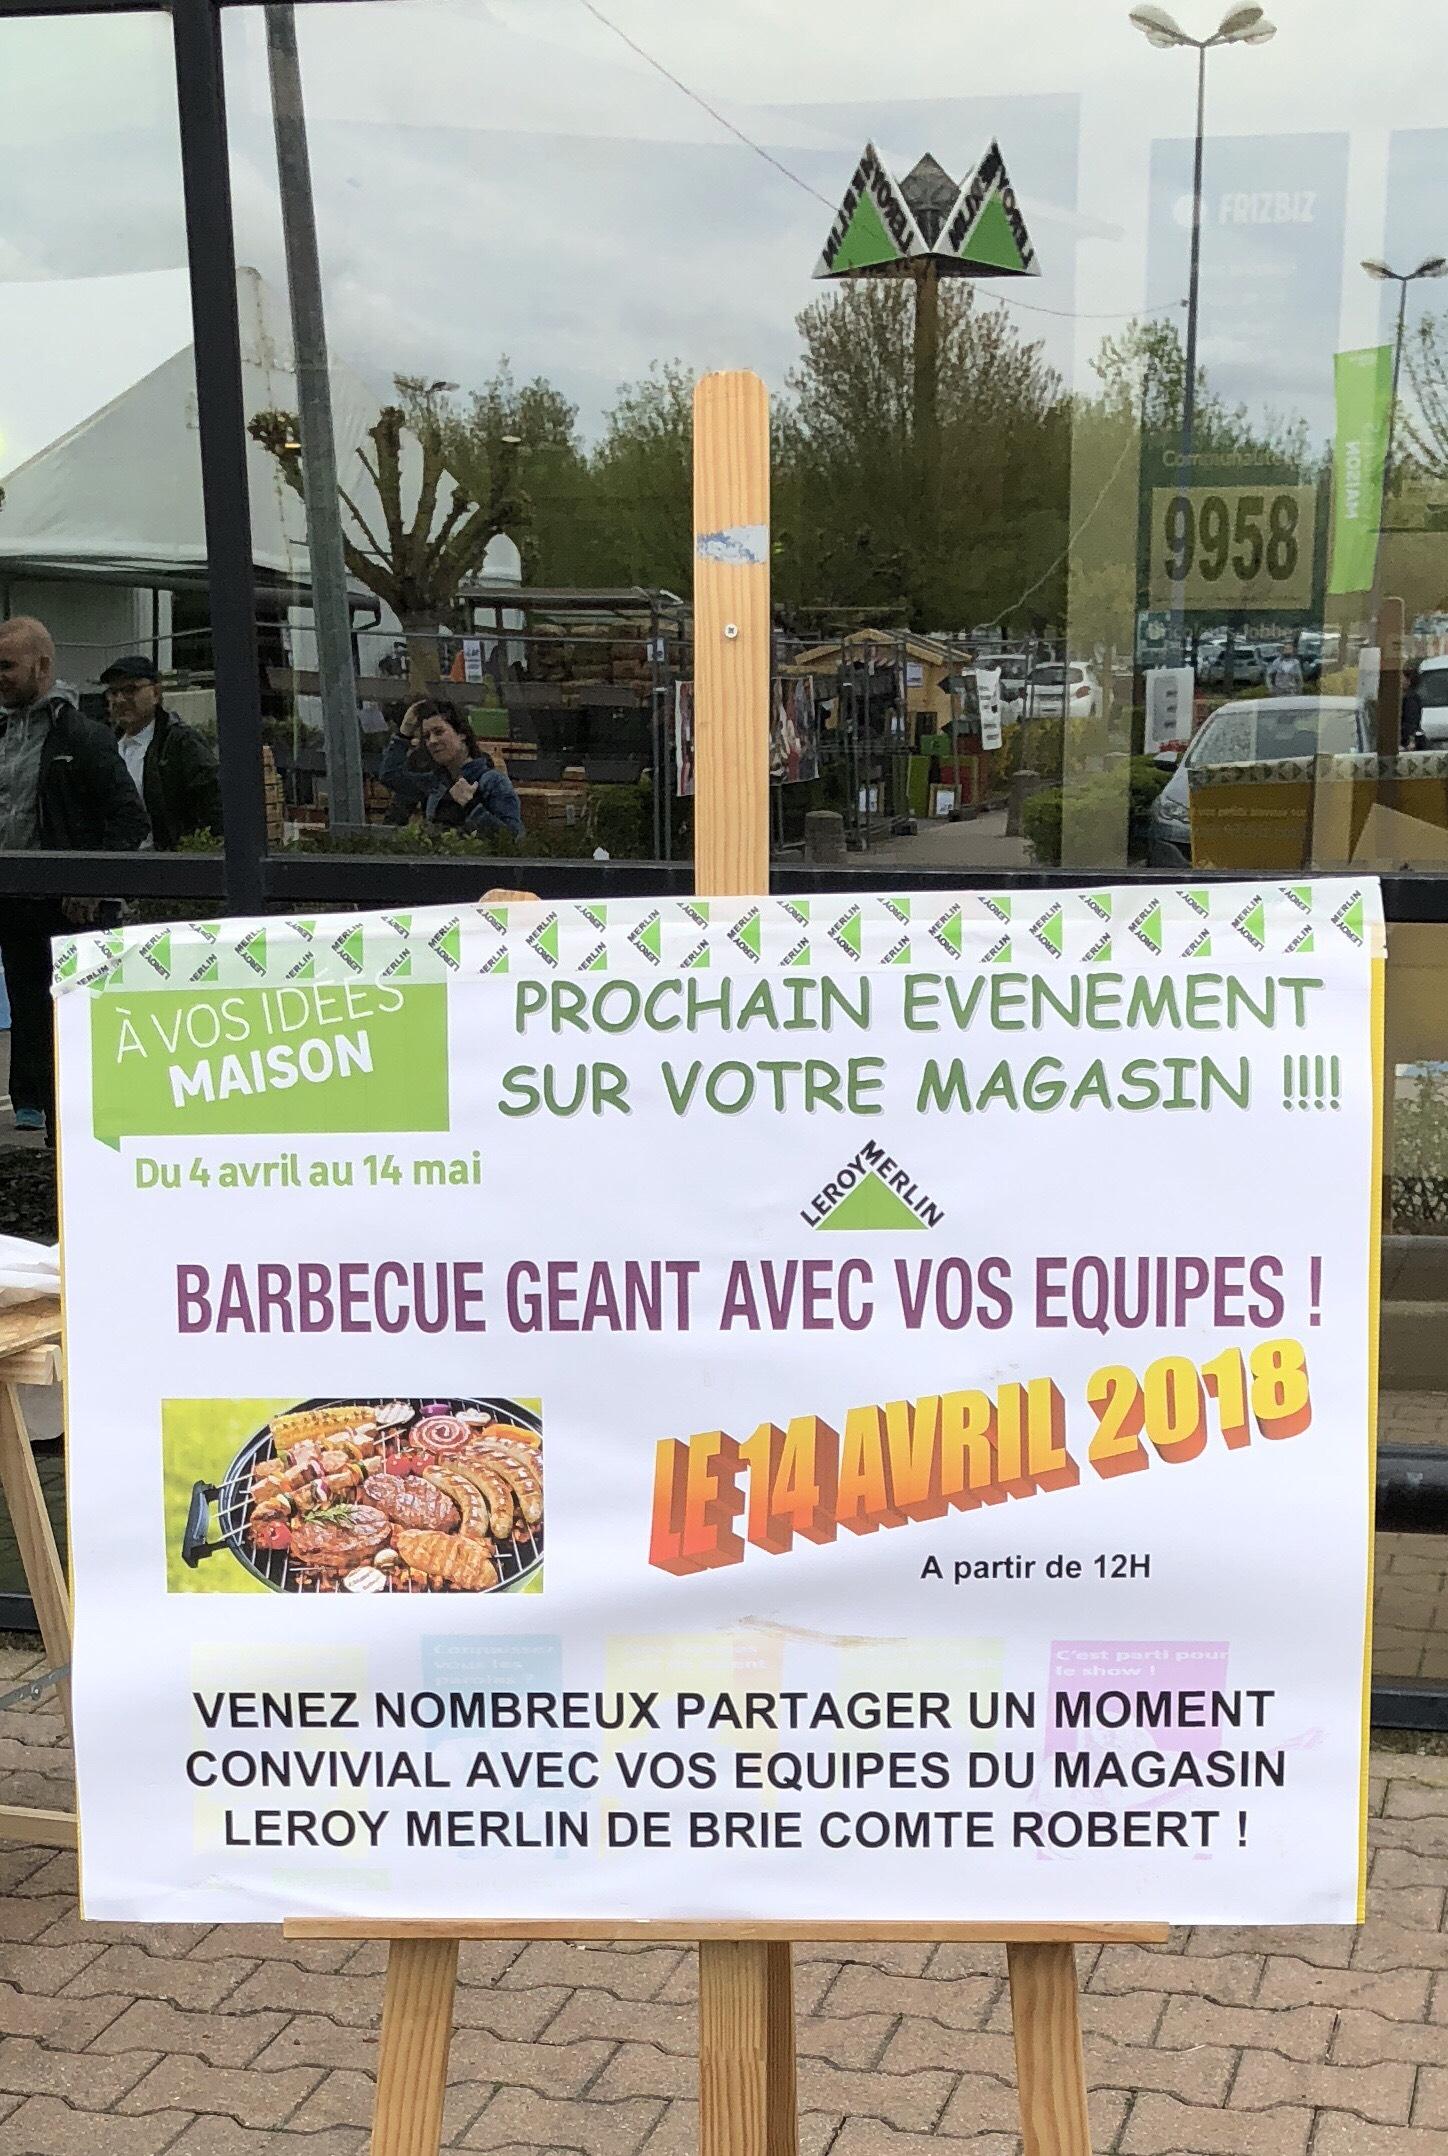 Barbecue offert en Magasin à partir de 12h (Brie-Comte-Robert 77)